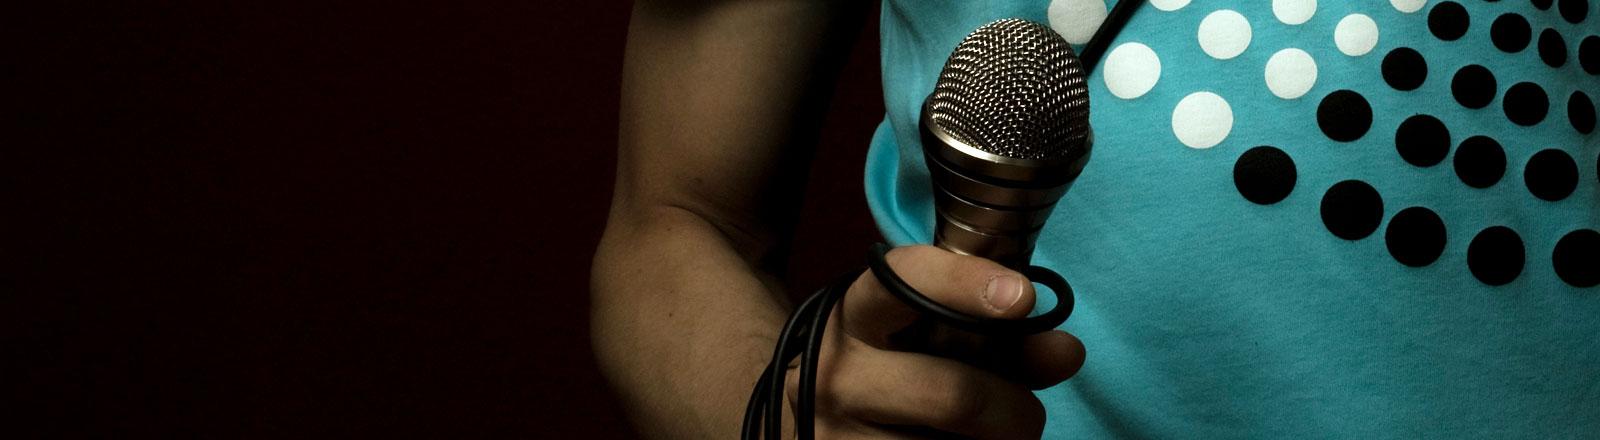 Ein Musiker mit Mikrofon in der Hand.